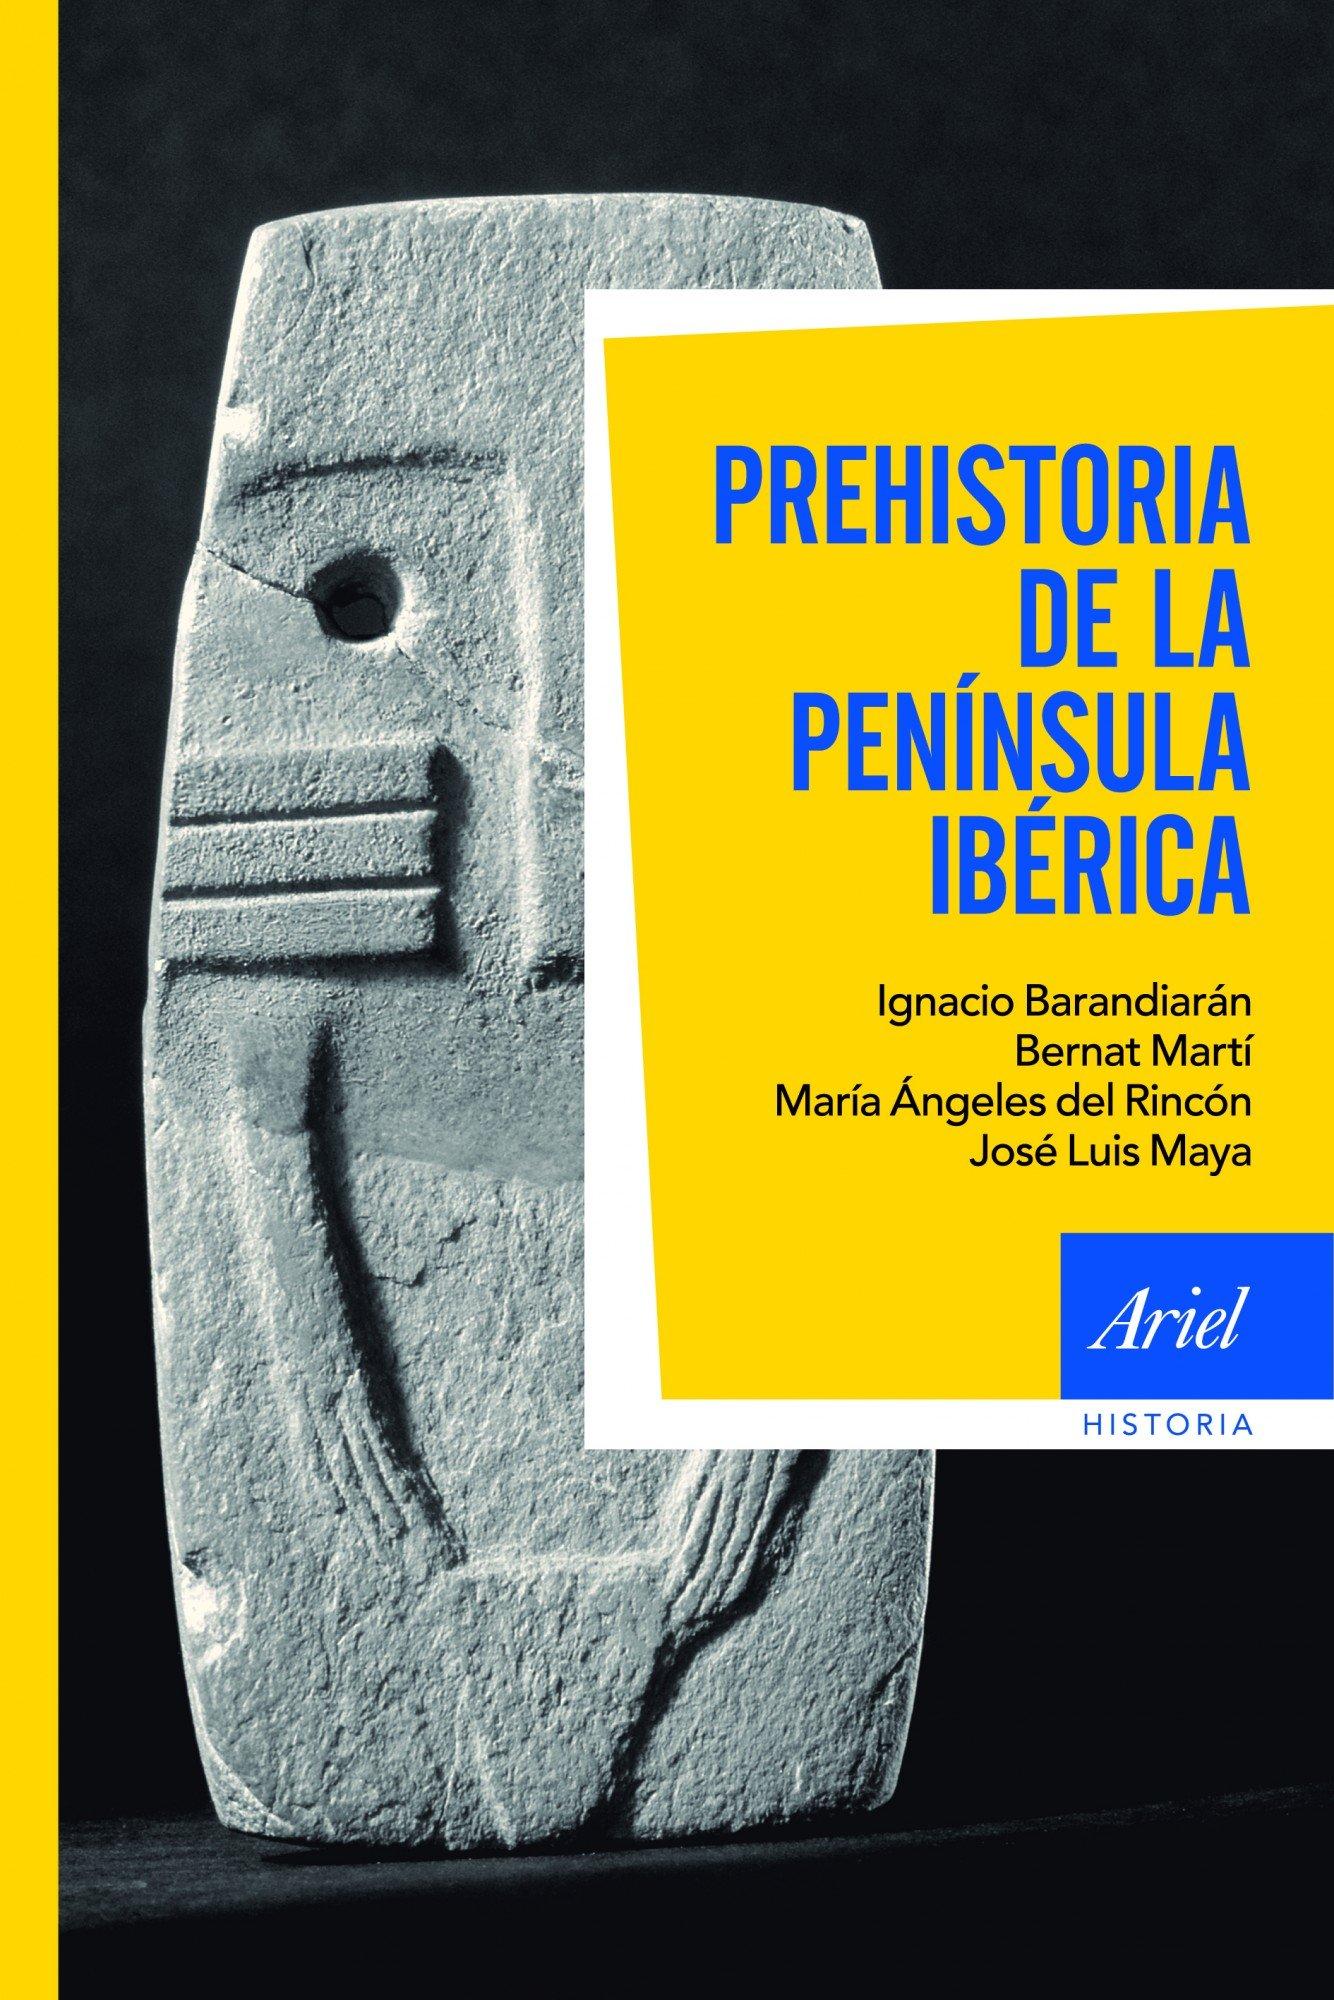 Prehistoria de la península Ibérica (Ariel Historia) Tapa blanda – 12 abr 2012 Ignacio Barandiarán Bernat Martí Oliver José Luis Maya González Editorial Ariel